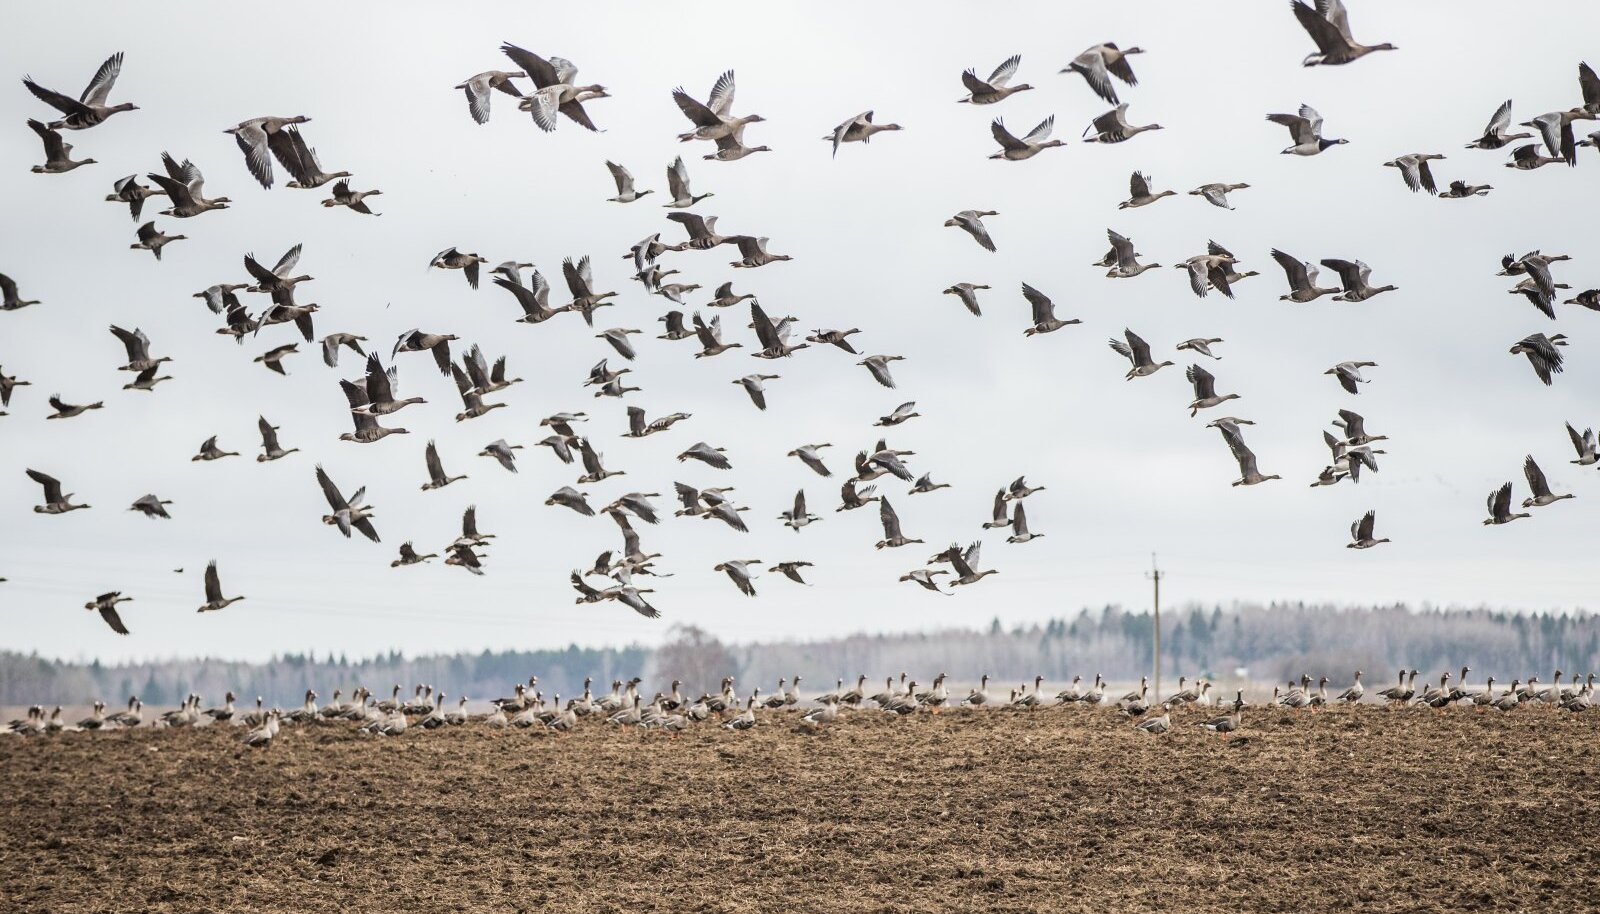 Kevadel põldudele laskuvad rändlinnud on Mandri-Eesti põllumeestele saanud tõsiseks nuhtluseks, sest on võimelised värskelt külvatud viljaseemne nahka panema.